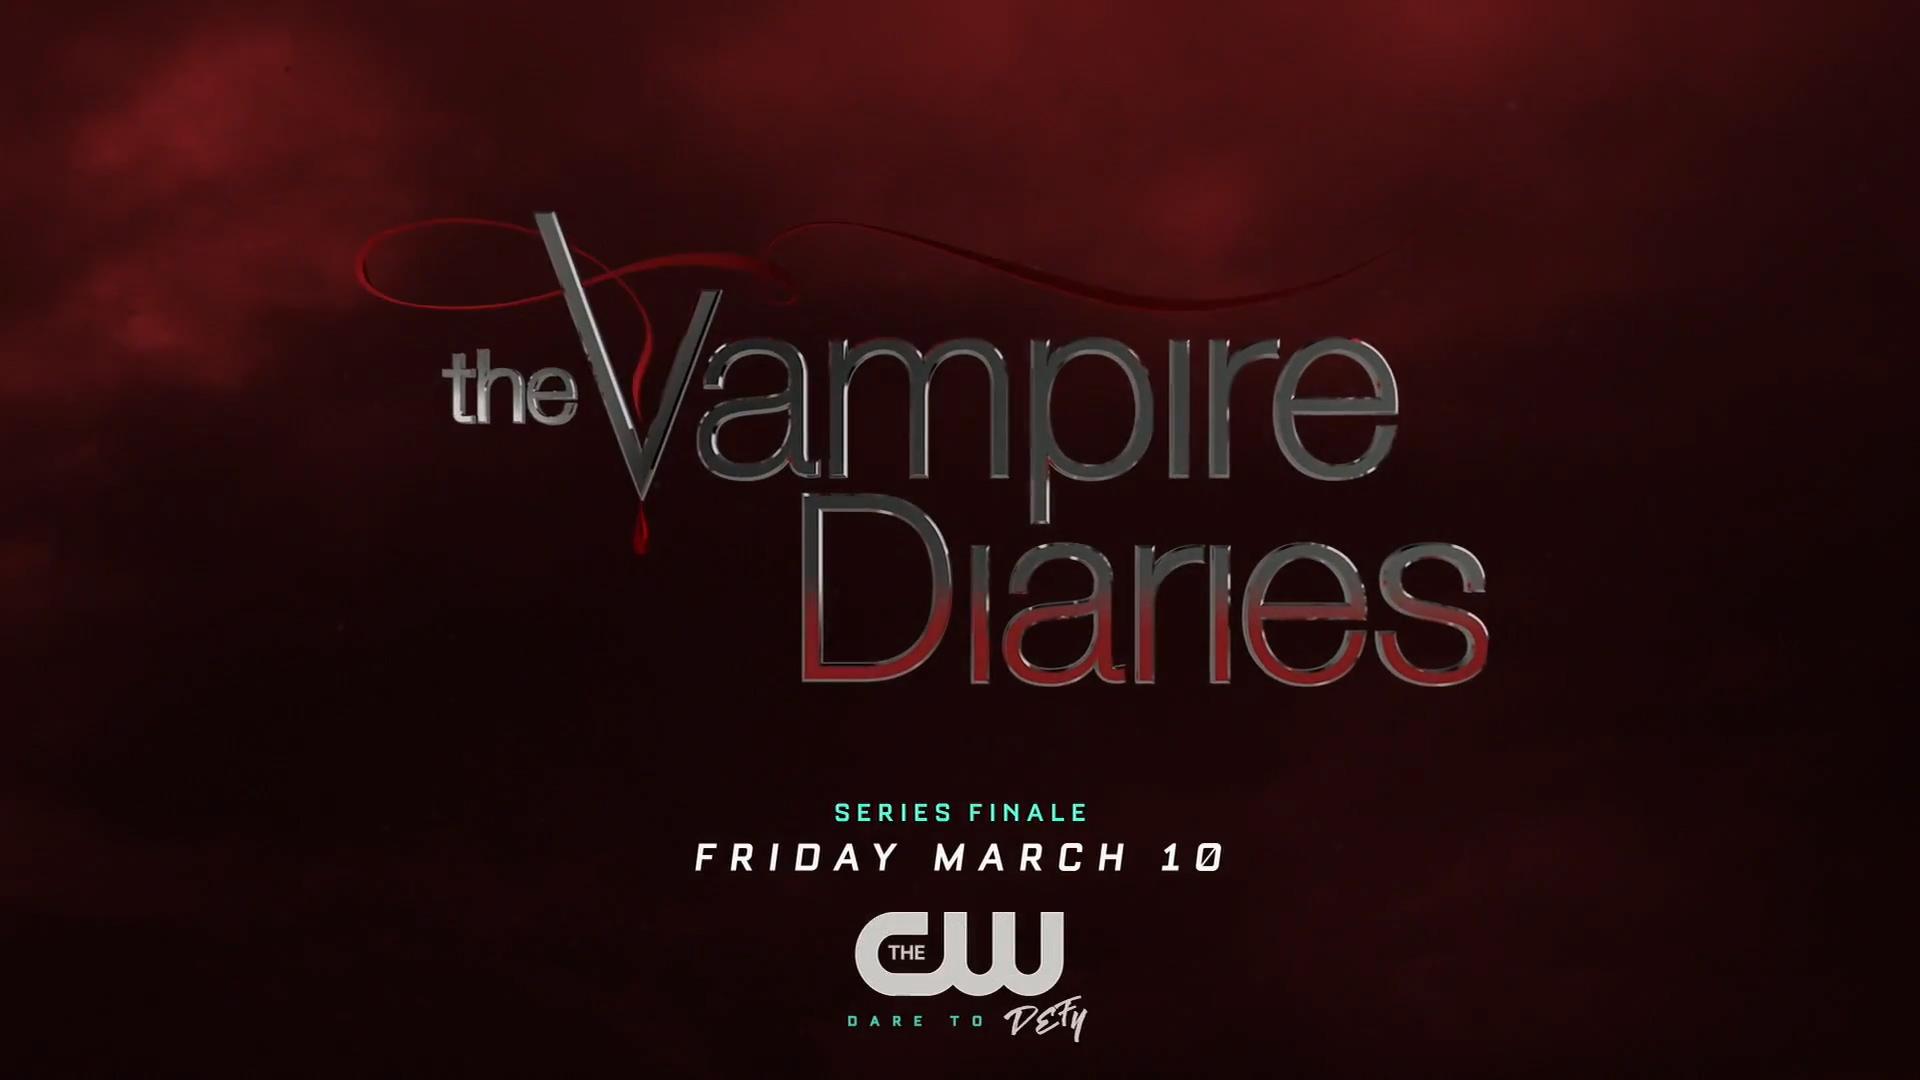 The Vampire Diaries S8